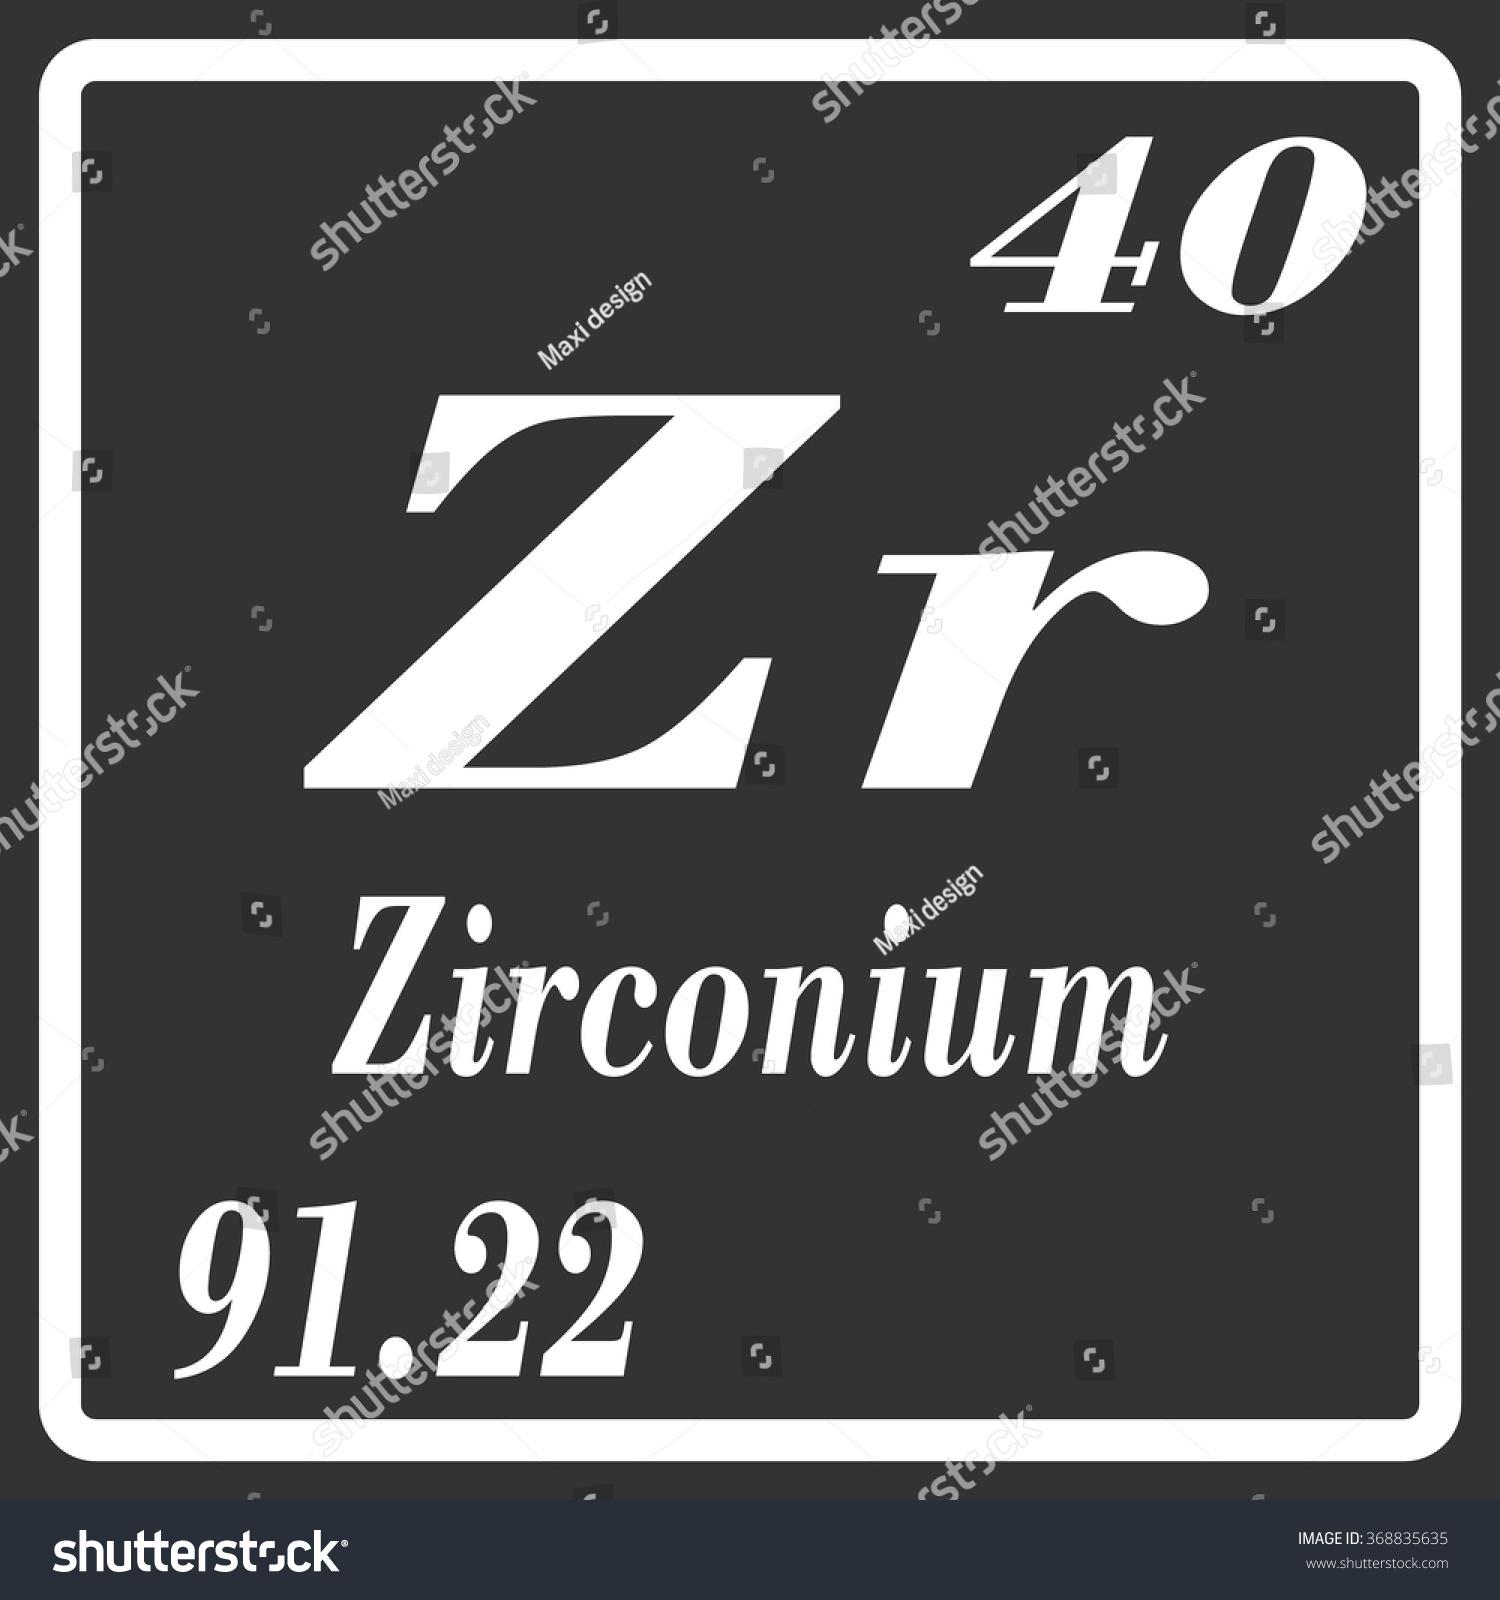 Periodic table elements zirconium stock vector 368835635 periodic table of elements zirconium urtaz Gallery